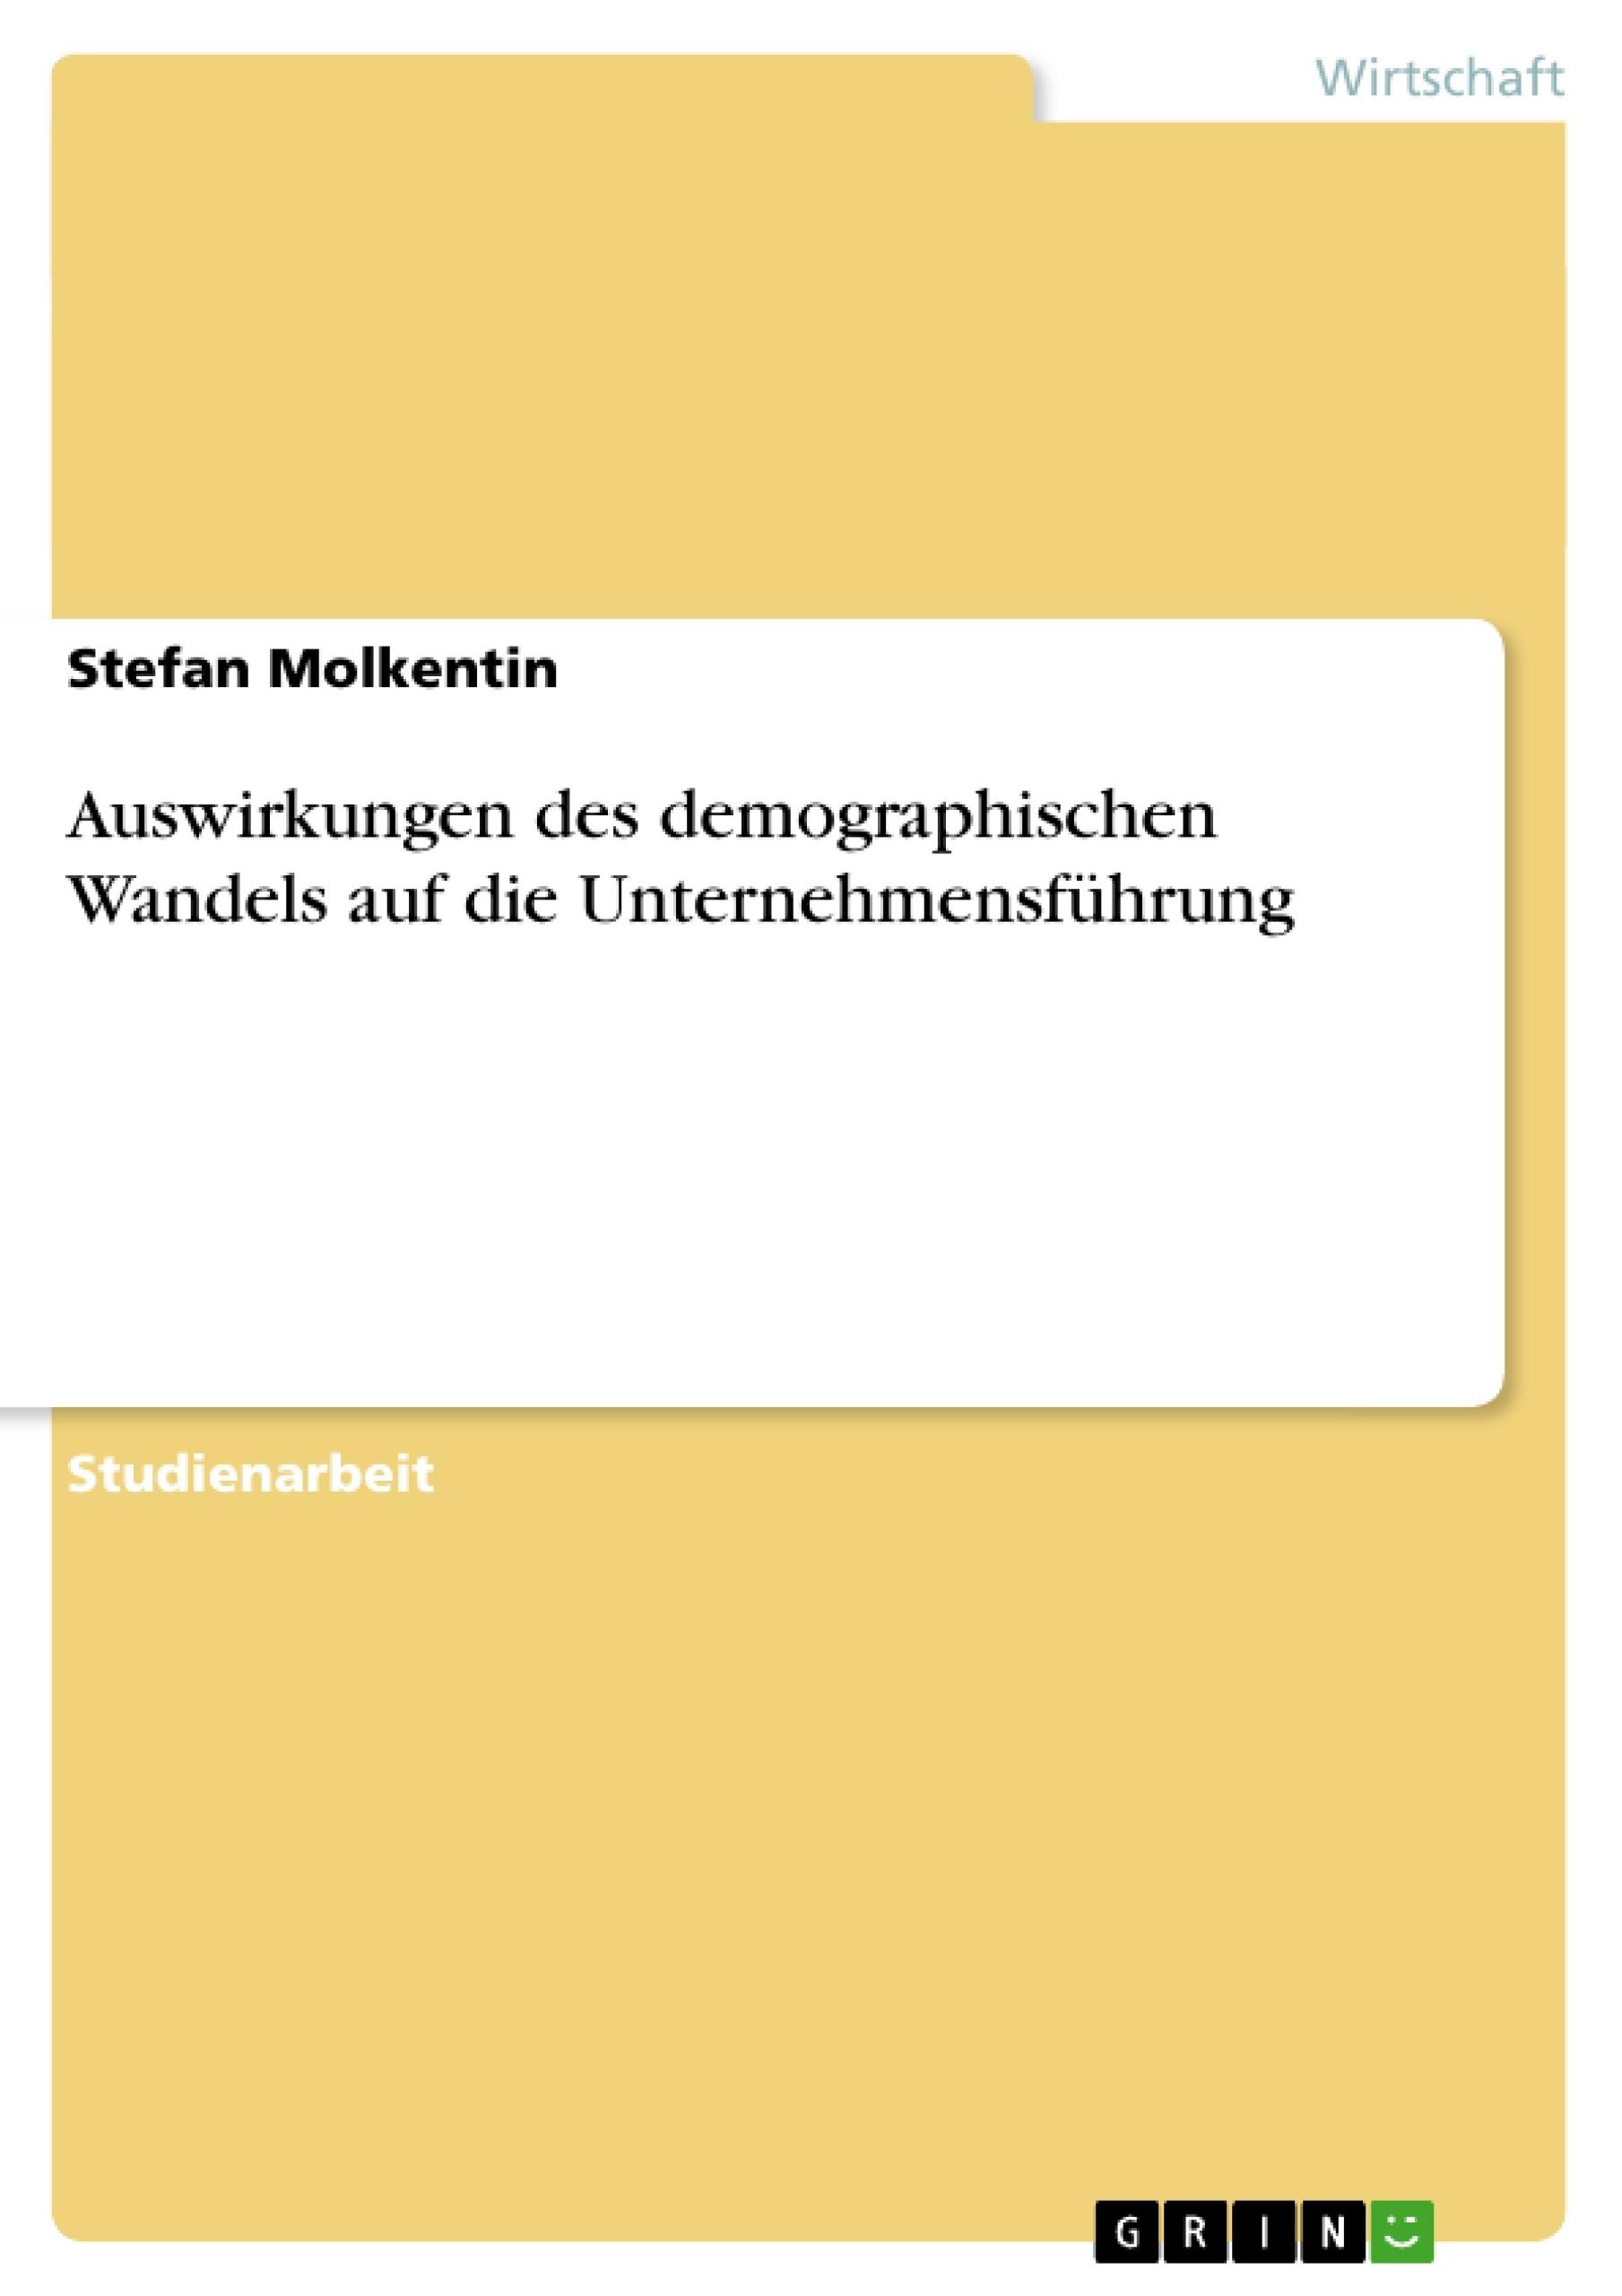 Titel: Auswirkungen des demographischen Wandels auf die Unternehmensführung